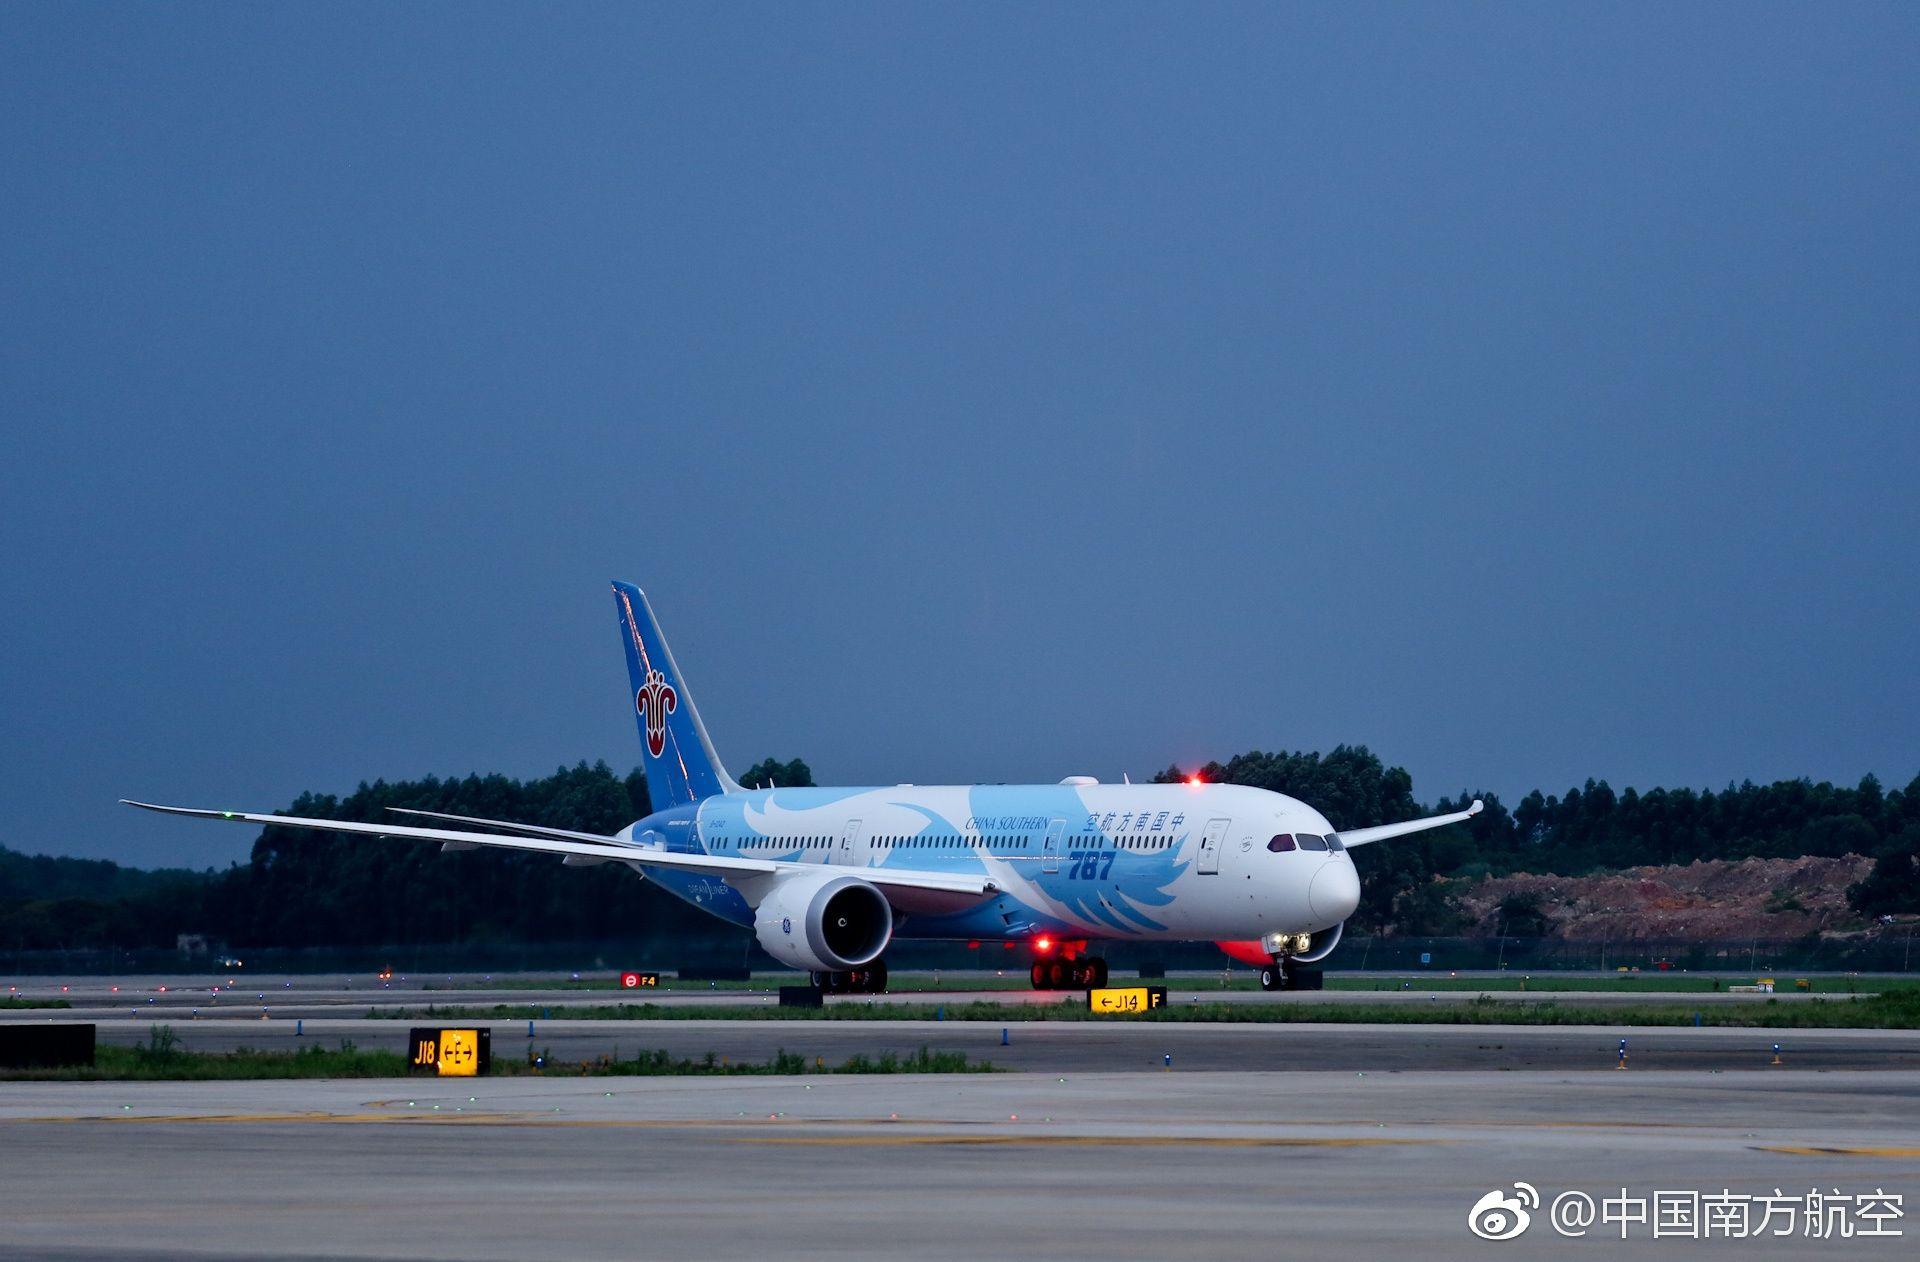 南航首架波音787-9交付 配备28个公务舱座椅